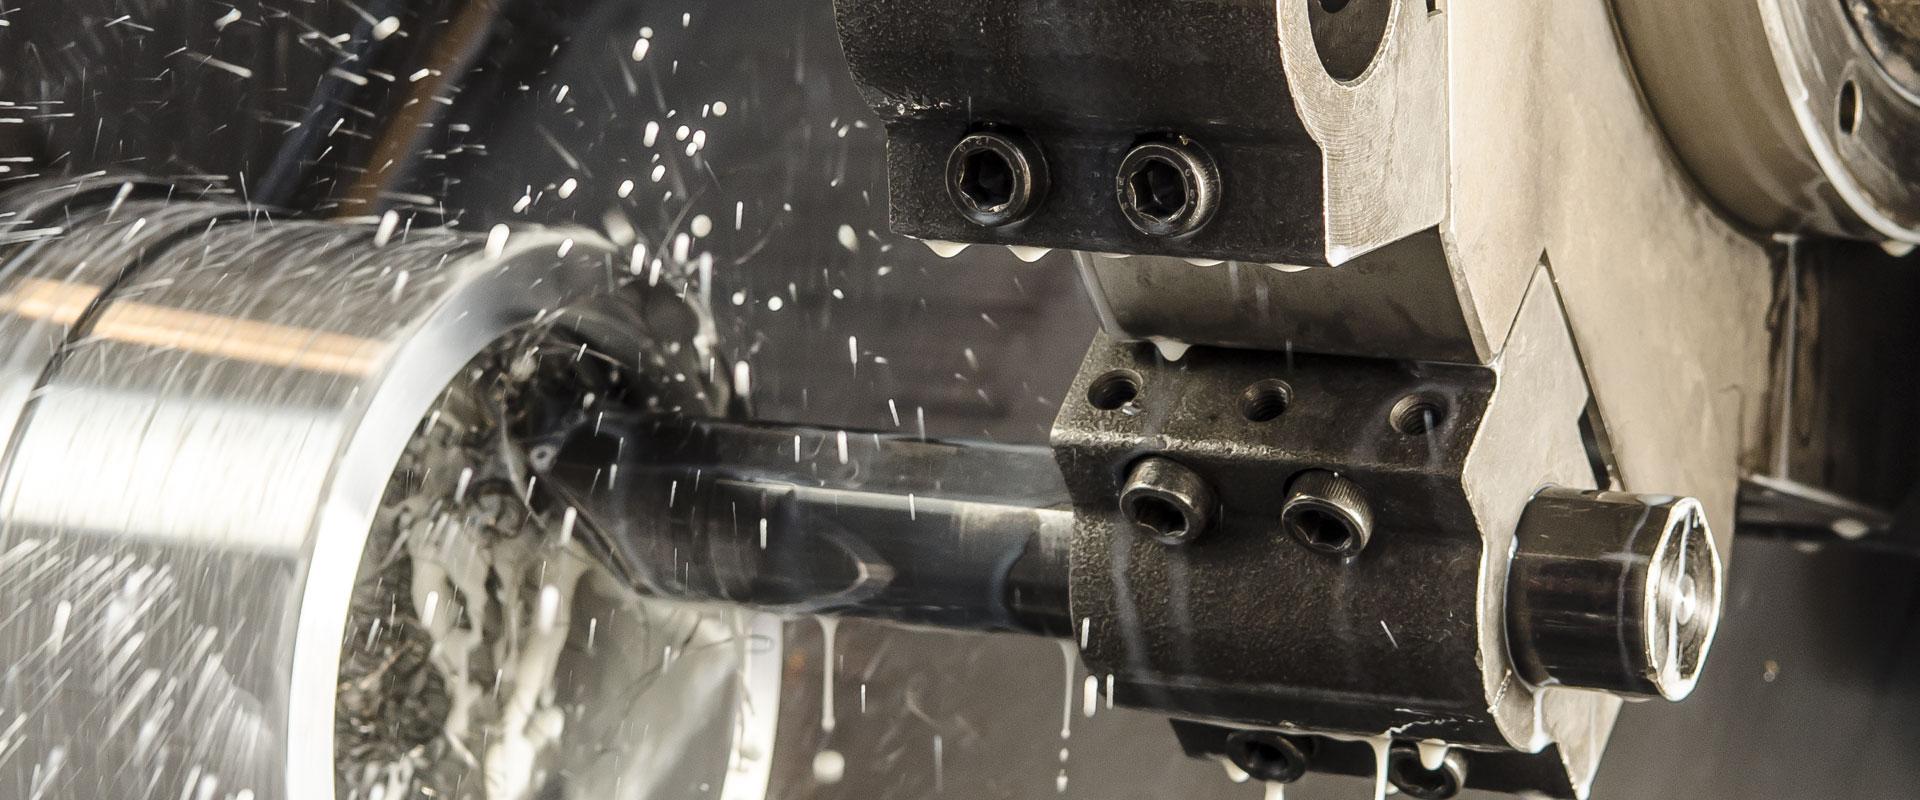 Tresso: lavorazioni meccaniche di precisione